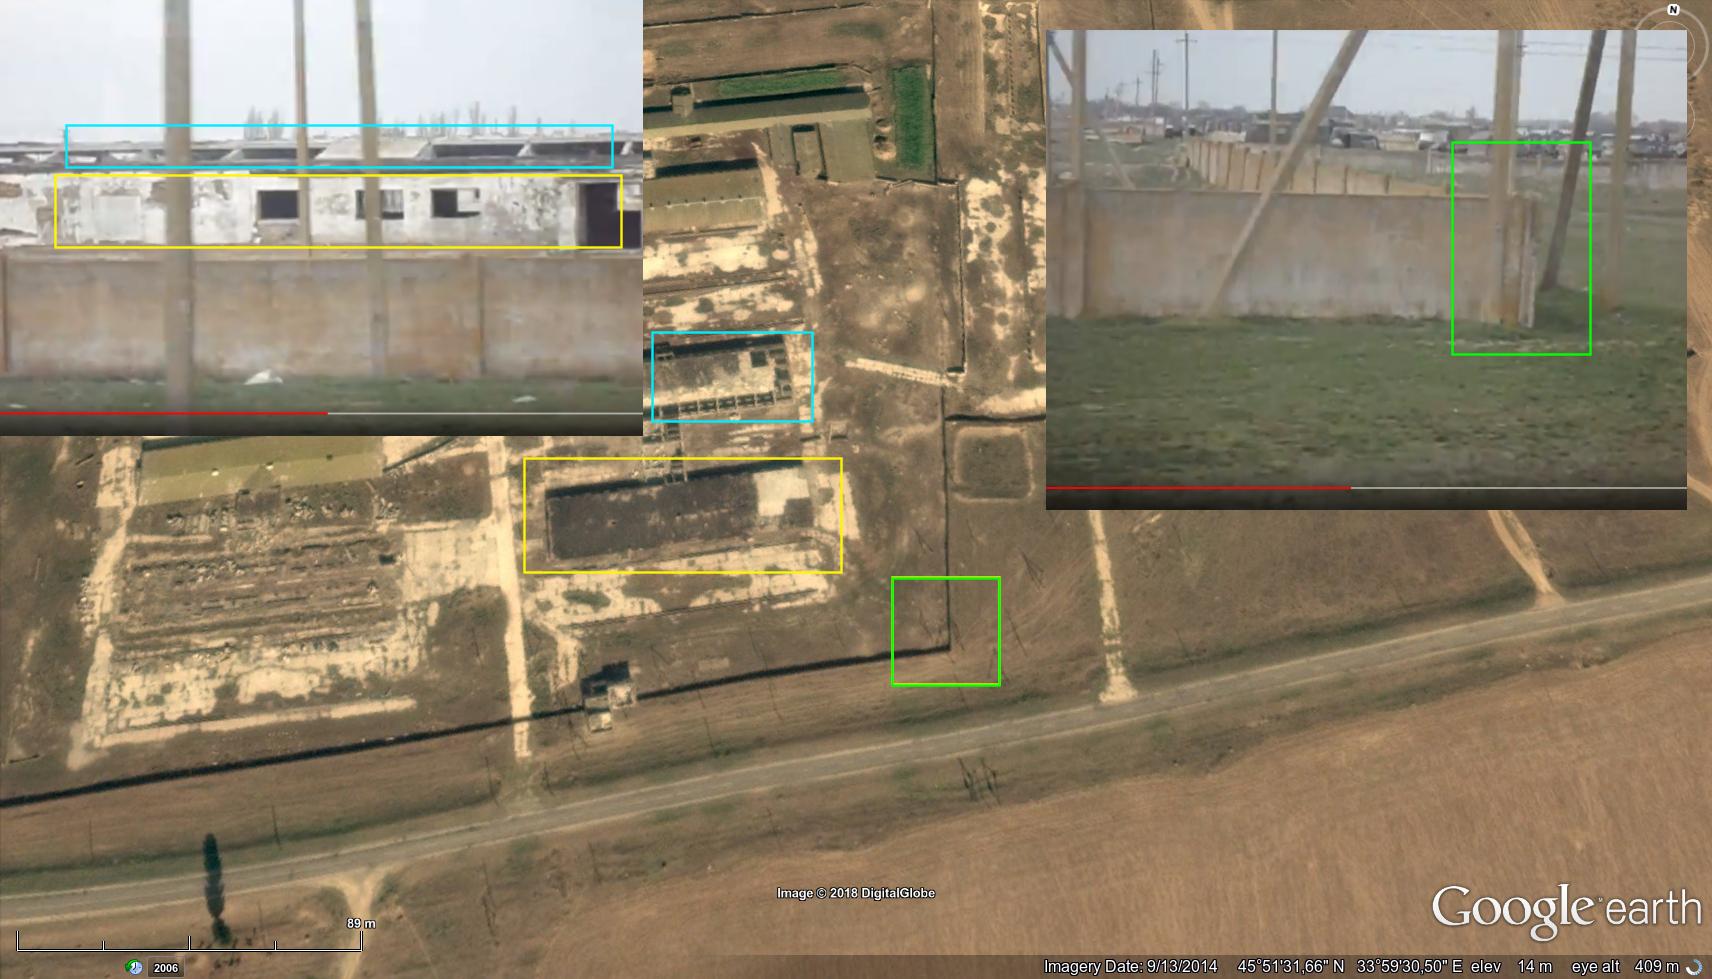 Det stora lägret i byn med militär utrustning är tydligt synligt